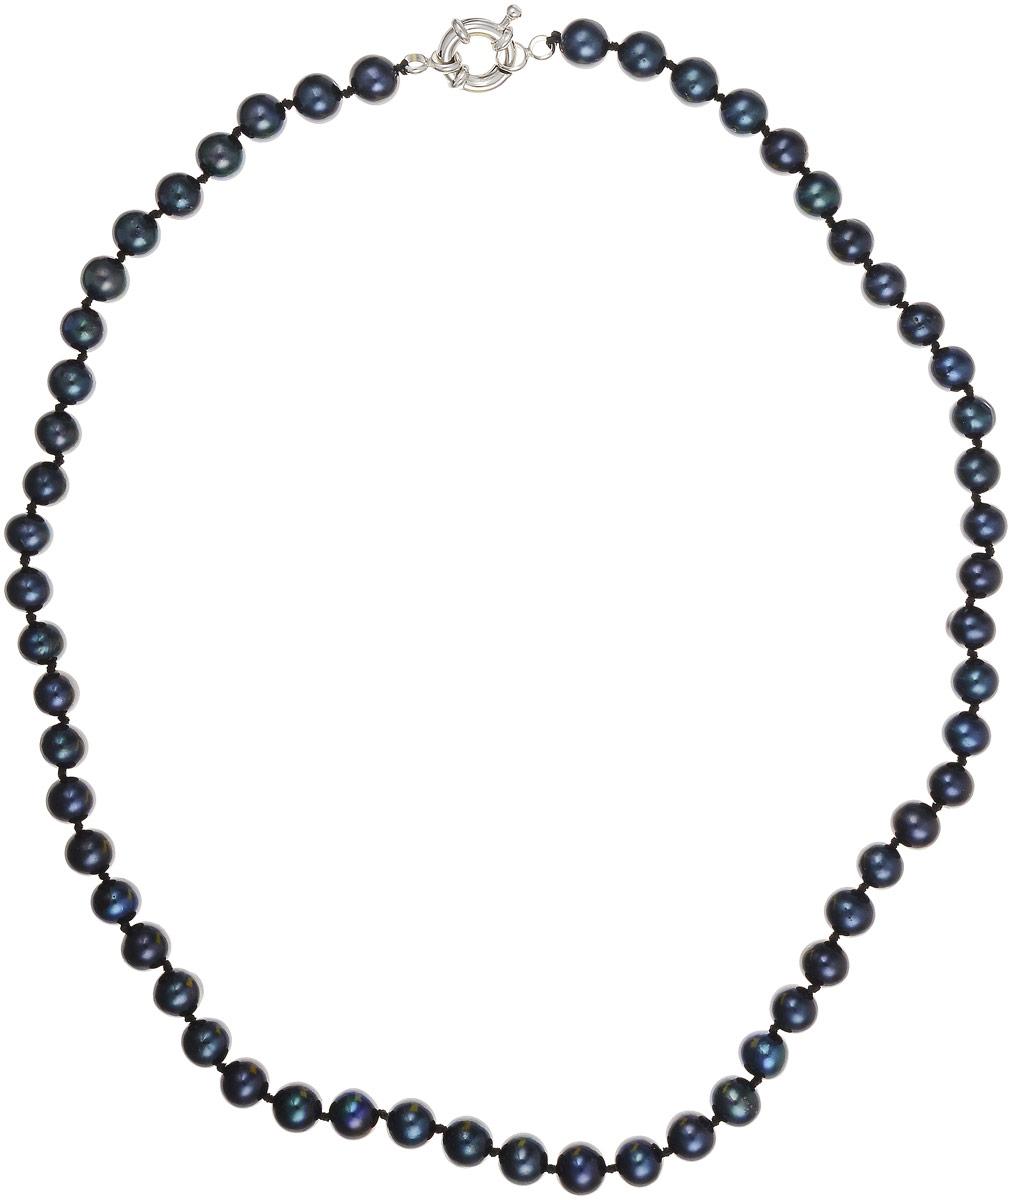 Бусы Art-Silver, цвет: черно-синий, длина 45 см. КЖ6-7АА+45-1173КЖ6-7АА+45-1173Бусы Art-Silver выполнены из культивированного жемчуга, нанизанного на текстильную нить. Украшение застегивается на практичный шпренгельный замок. Мелкие бусины диаметром 6-8 мм из натурального культивированного жемчуга благородного черного цвета с синим отливом имеют слегка неоднородную форму, что подчеркивает естественное происхождение жемчужин.